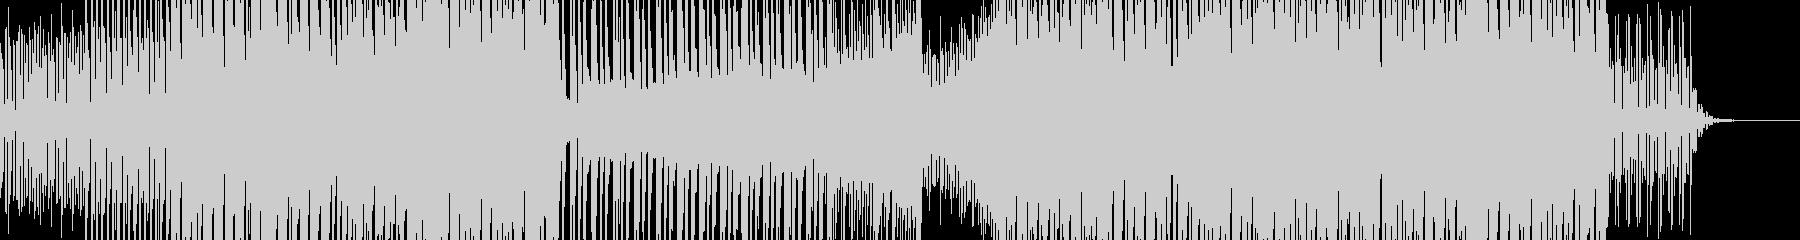 フィールド探索系4つ打ちミュージックの未再生の波形